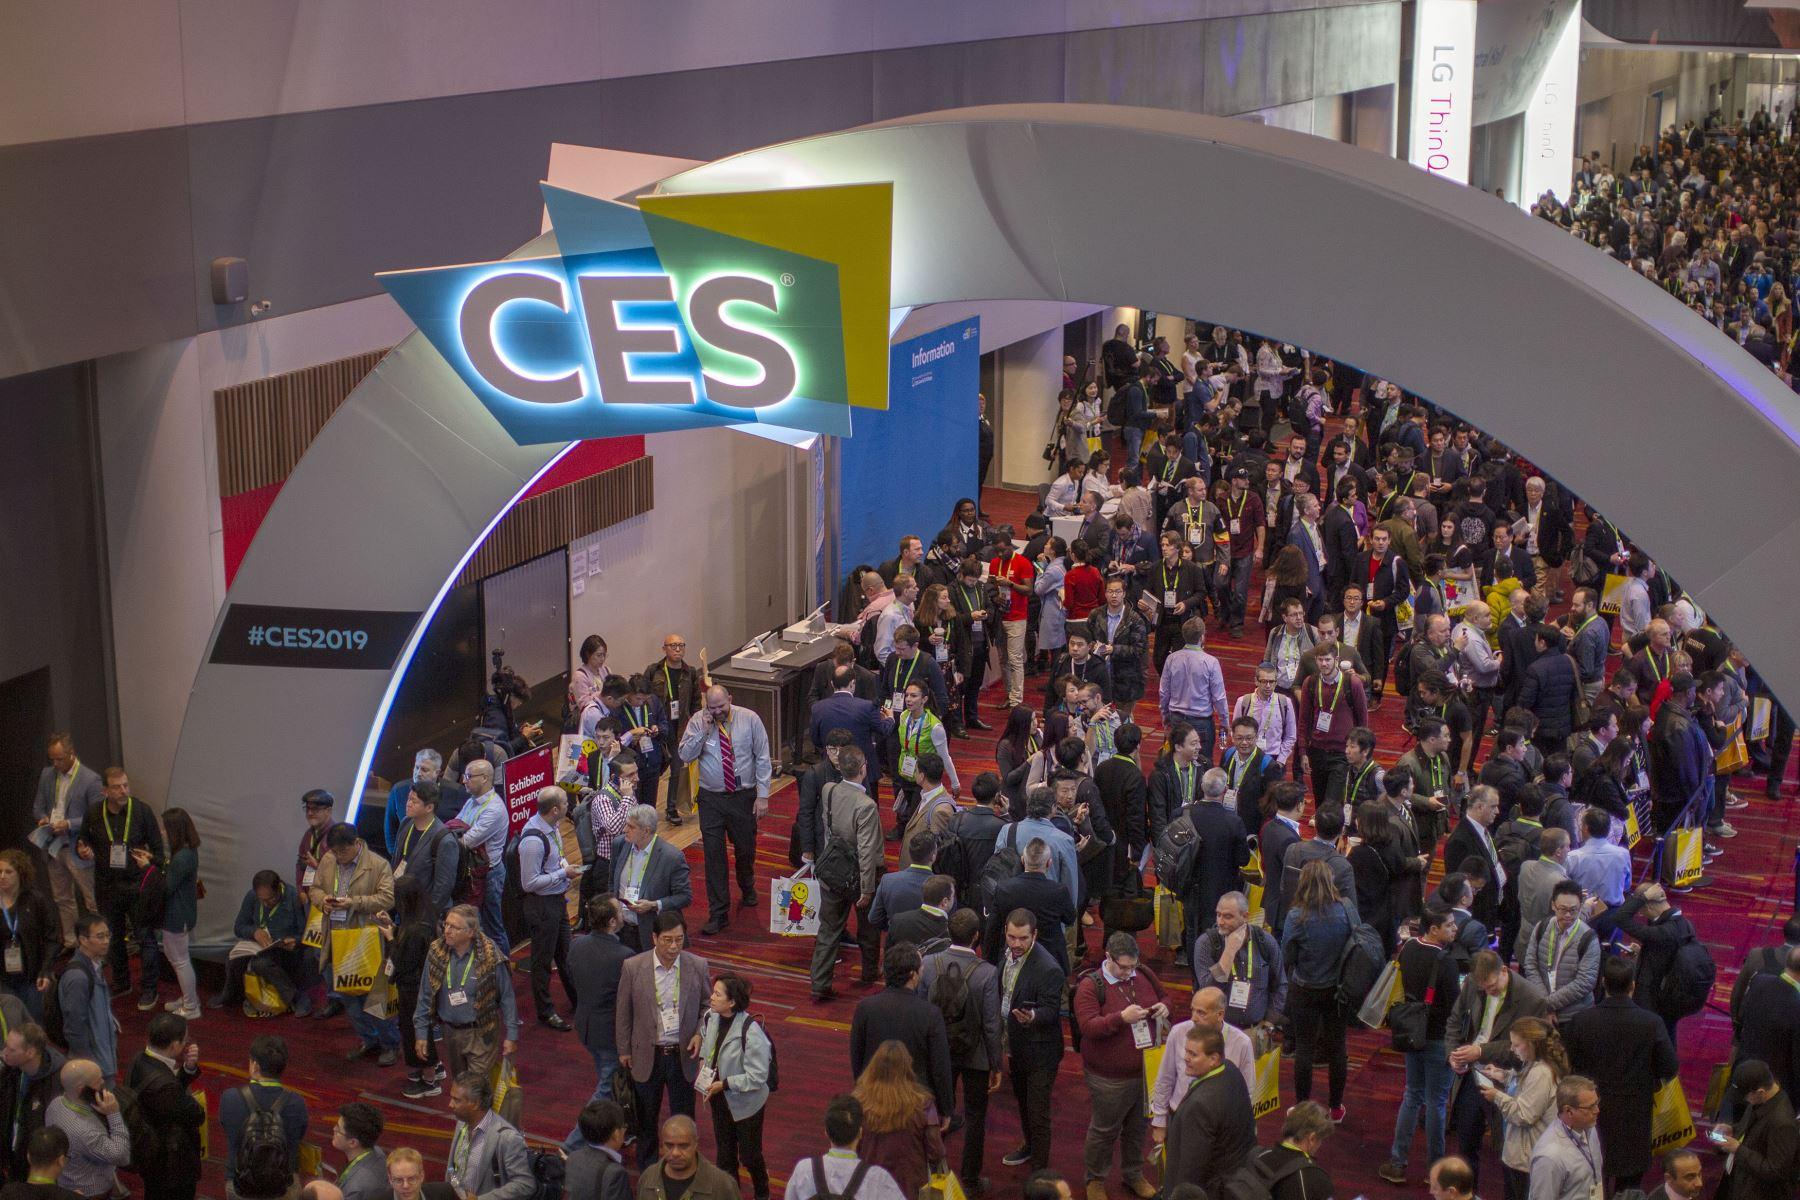 Salas de exposiciones dentro del Centro de Convenciones de Las Vegas durante el CES 2019 en Las Vegas. AFP